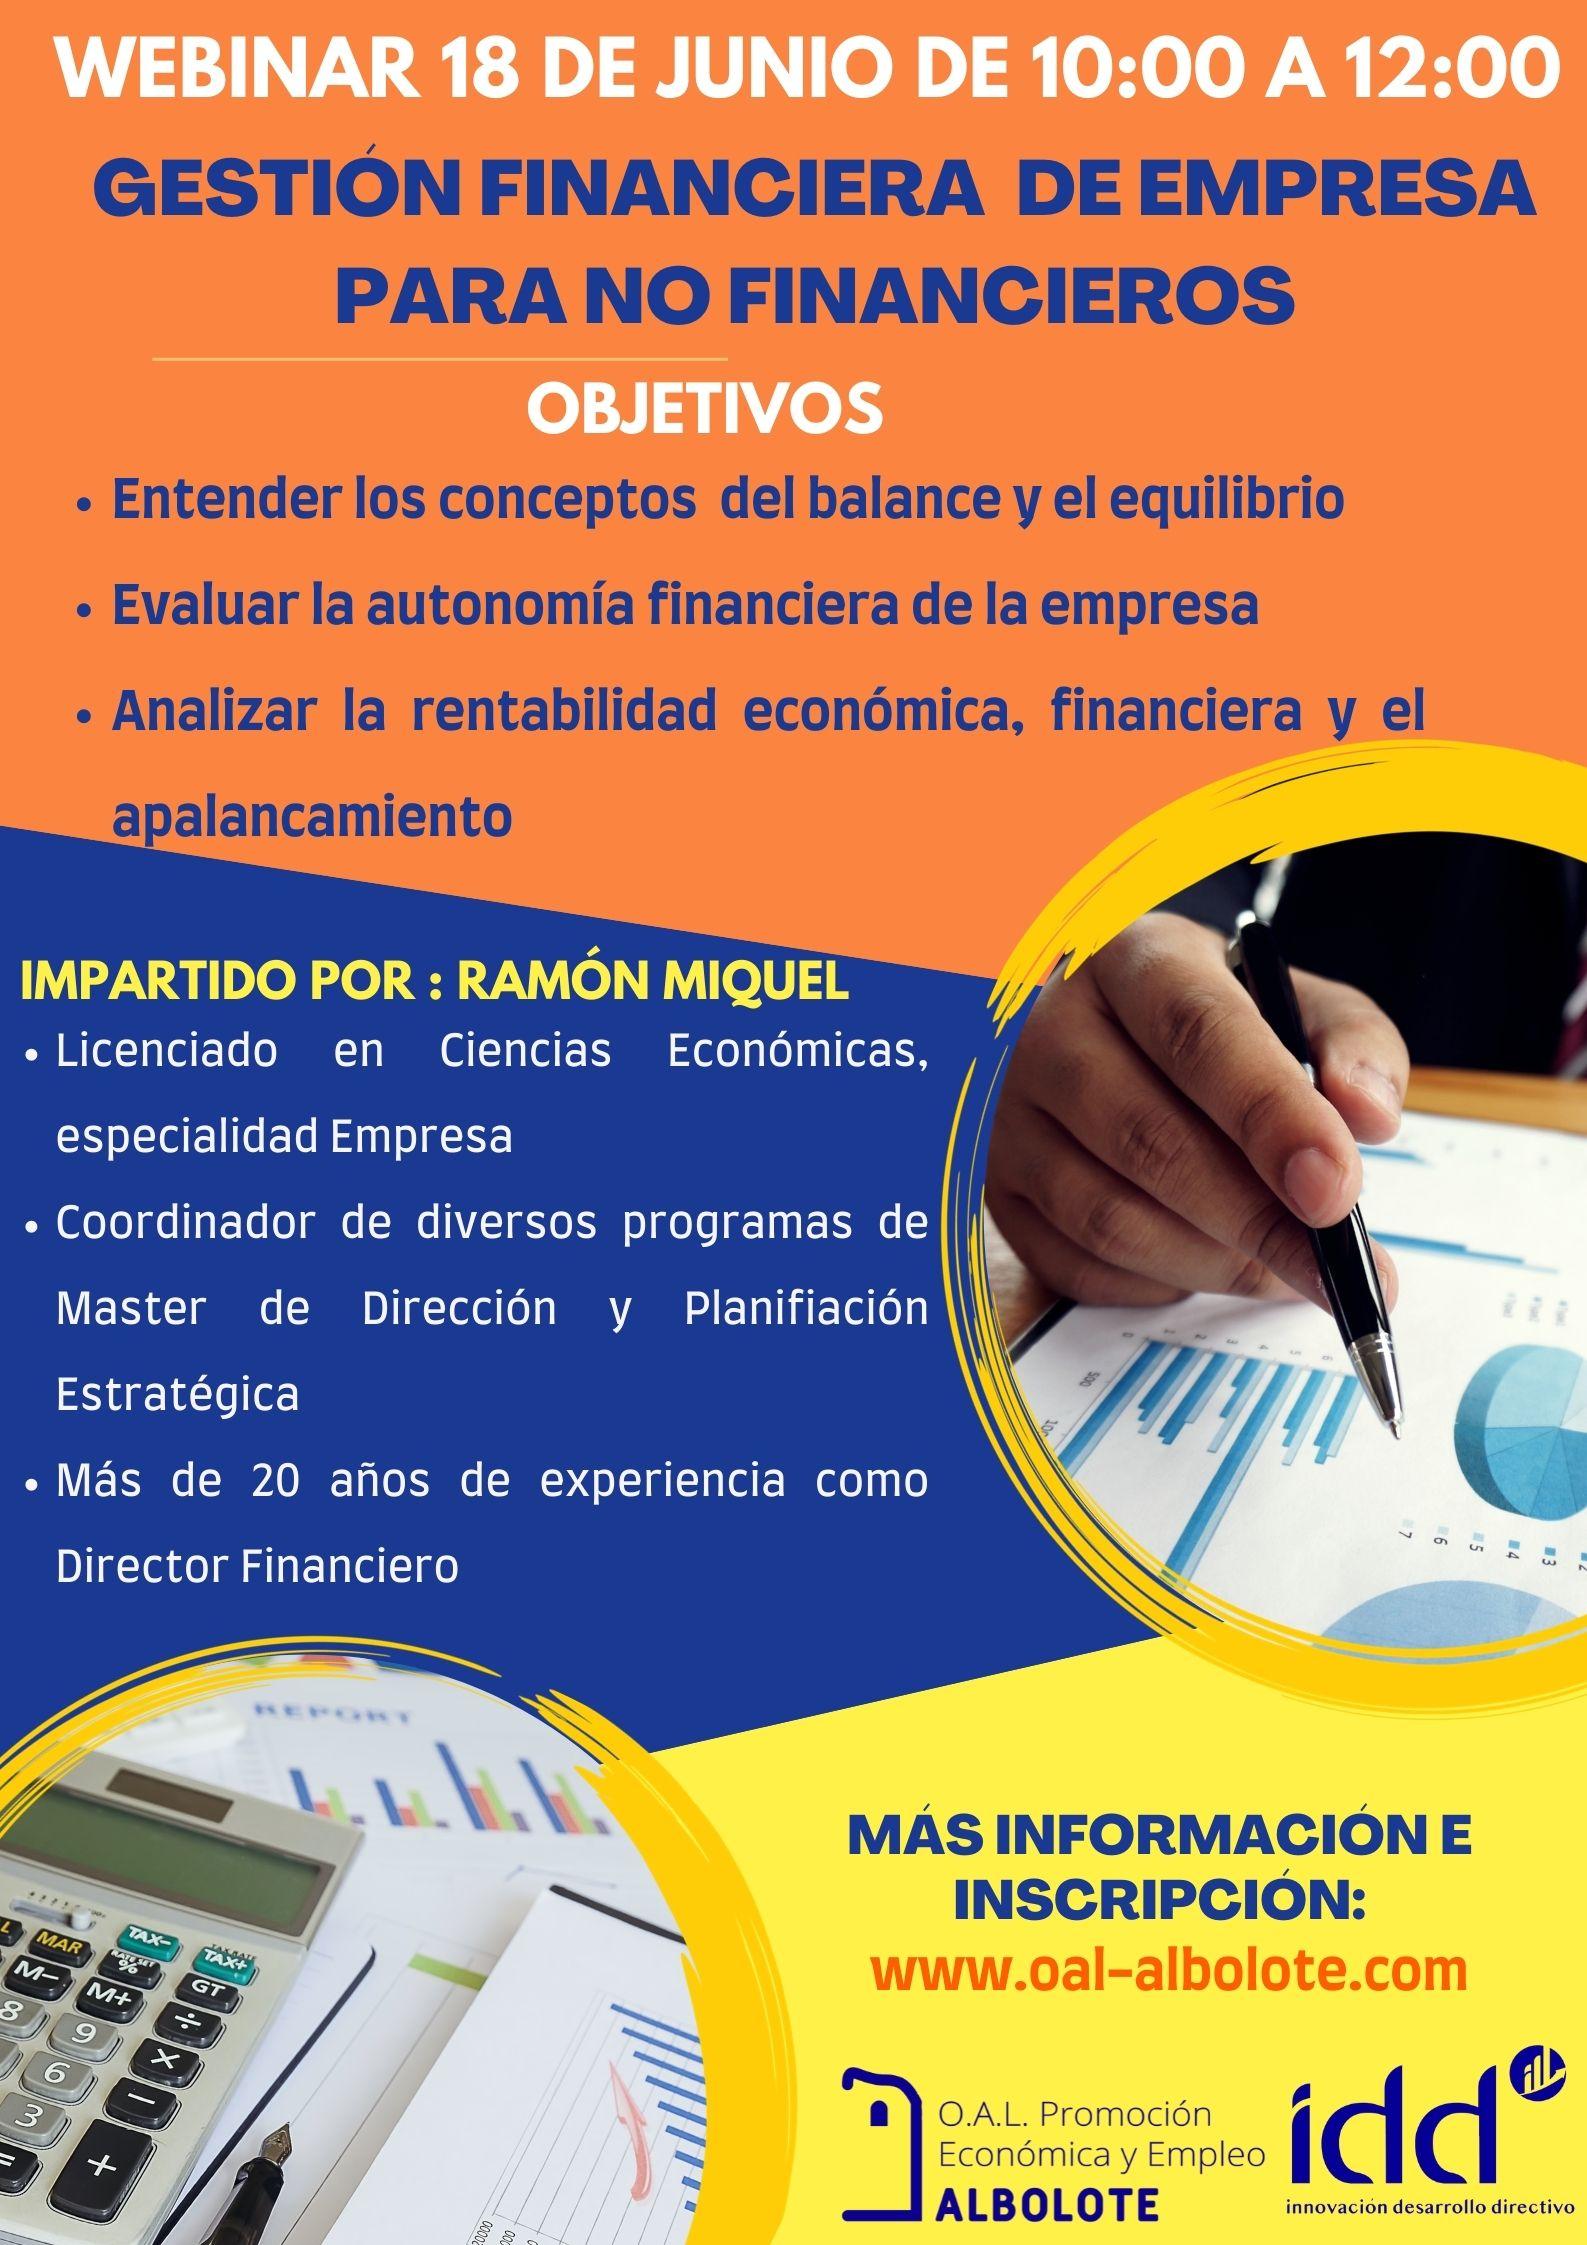 VIDEOCONFERENCIA: Gestión financiera de empresa para no financieros.